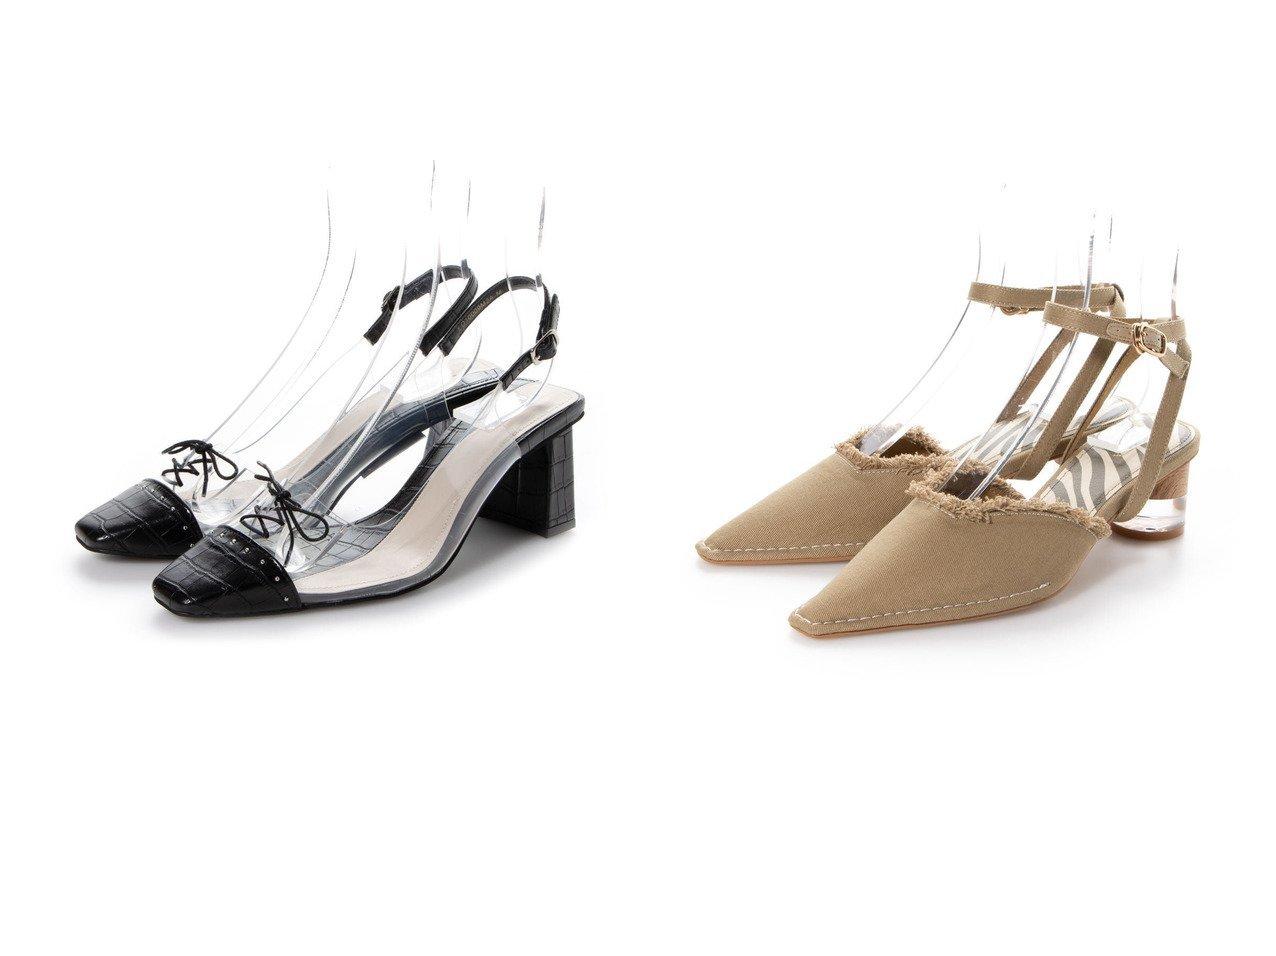 【RANDA/ランダ】のソフト ウッド×クリアヒールフリンジバックストラップパンプス&レースアップバックストラップクリアパンプス シューズ・靴のおすすめ!人気、トレンド・レディースファッションの通販 おすすめで人気の流行・トレンド、ファッションの通販商品 メンズファッション・キッズファッション・インテリア・家具・レディースファッション・服の通販 founy(ファニー) https://founy.com/ ファッション Fashion レディースファッション WOMEN バッグ Bag 2021年 2021 2021 春夏 S/S SS Spring/Summer 2021 S/S 春夏 SS Spring/Summer アニマル ウッド エレガント コンビ フリンジ ラップ レース 春 Spring  ID:crp329100000023926